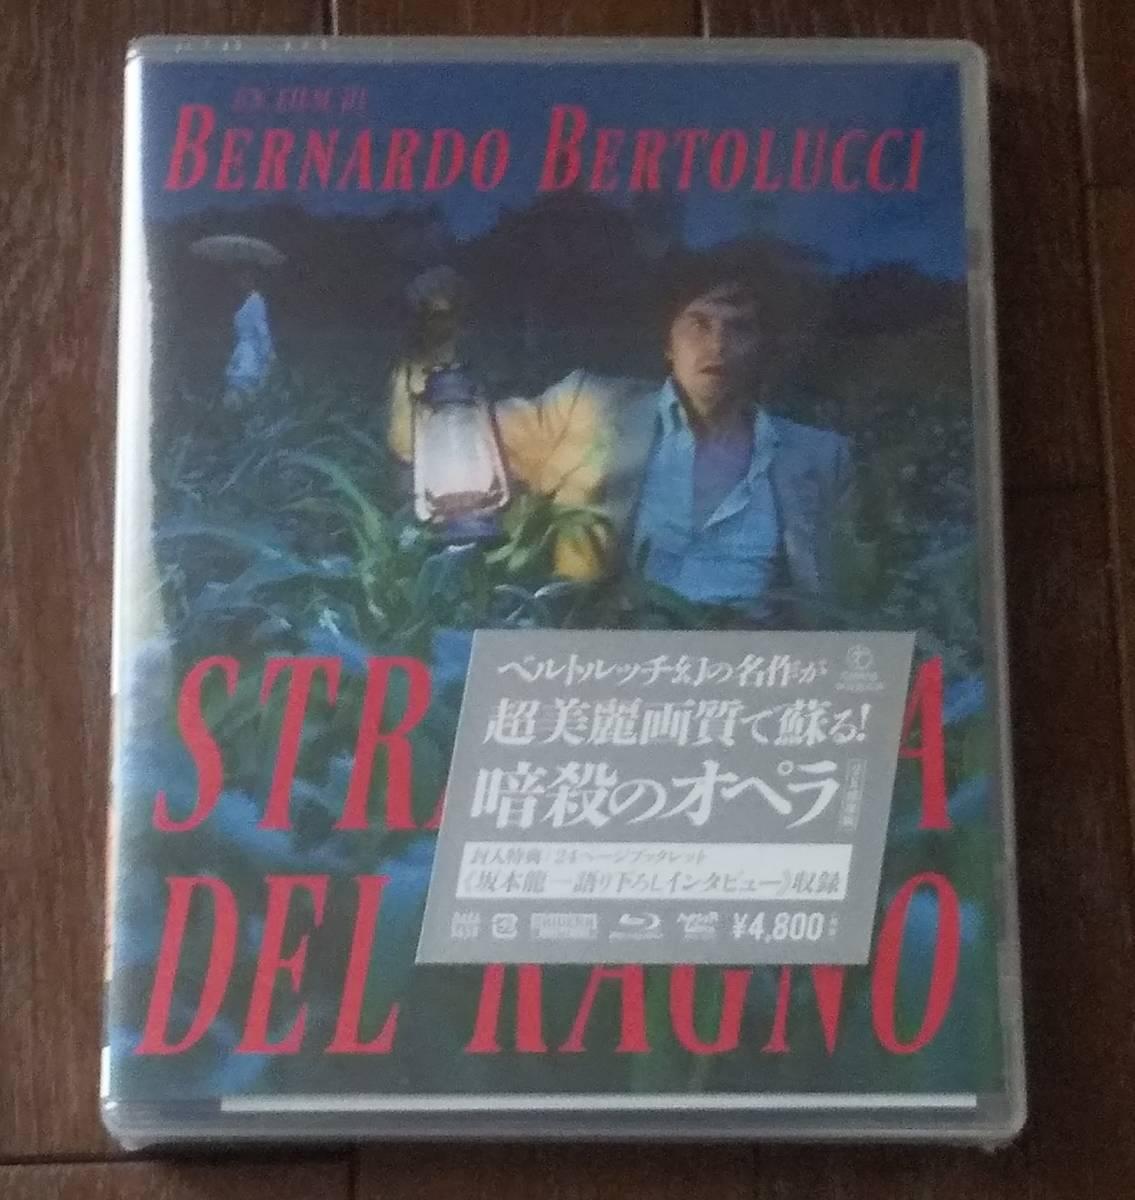 即決【未開封】正規品2K修復版マスターBlu-rayブルーレイ『暗殺のオペラ』ベルナルド・ベルトルッチ※「サスペリア」アリダ・ヴァリ(バリ